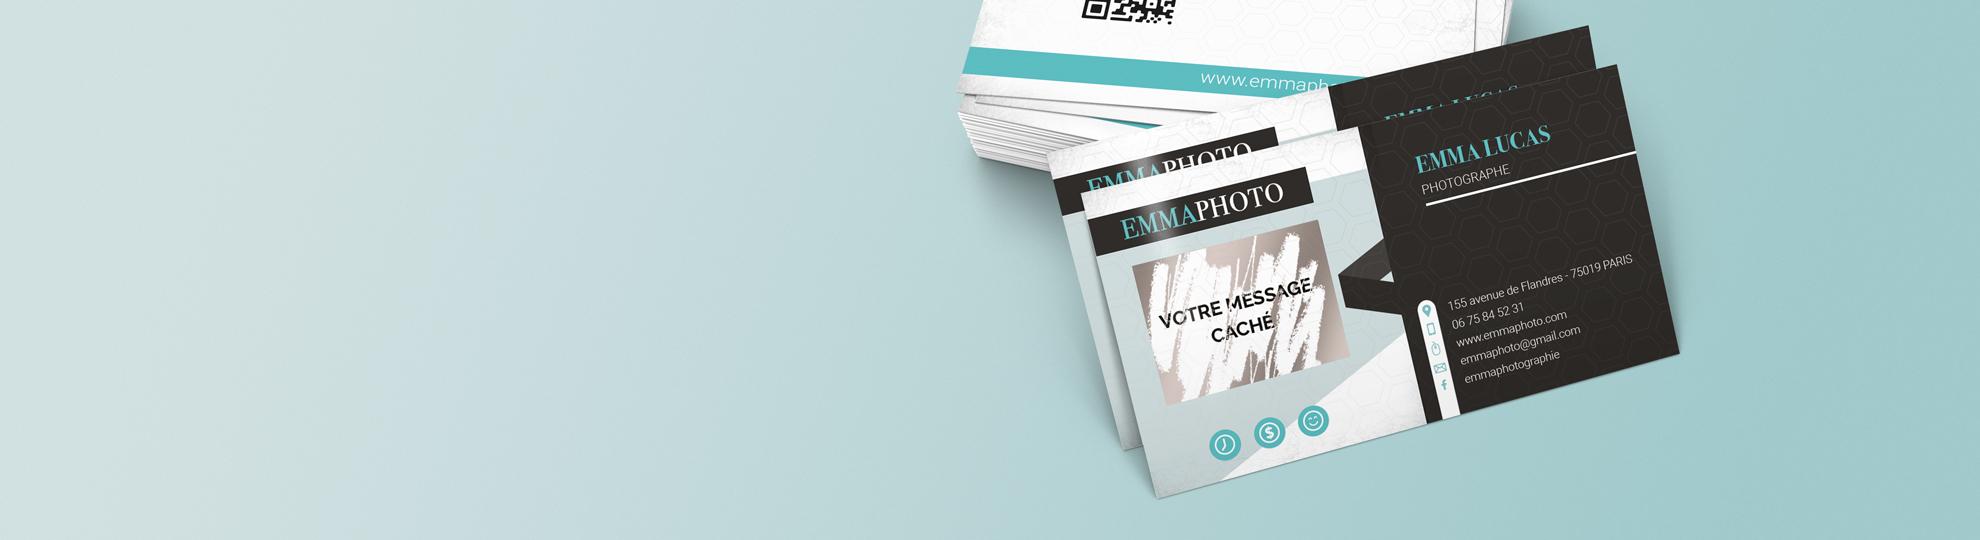 Imprimer cartes à gratter sur Imprim Up